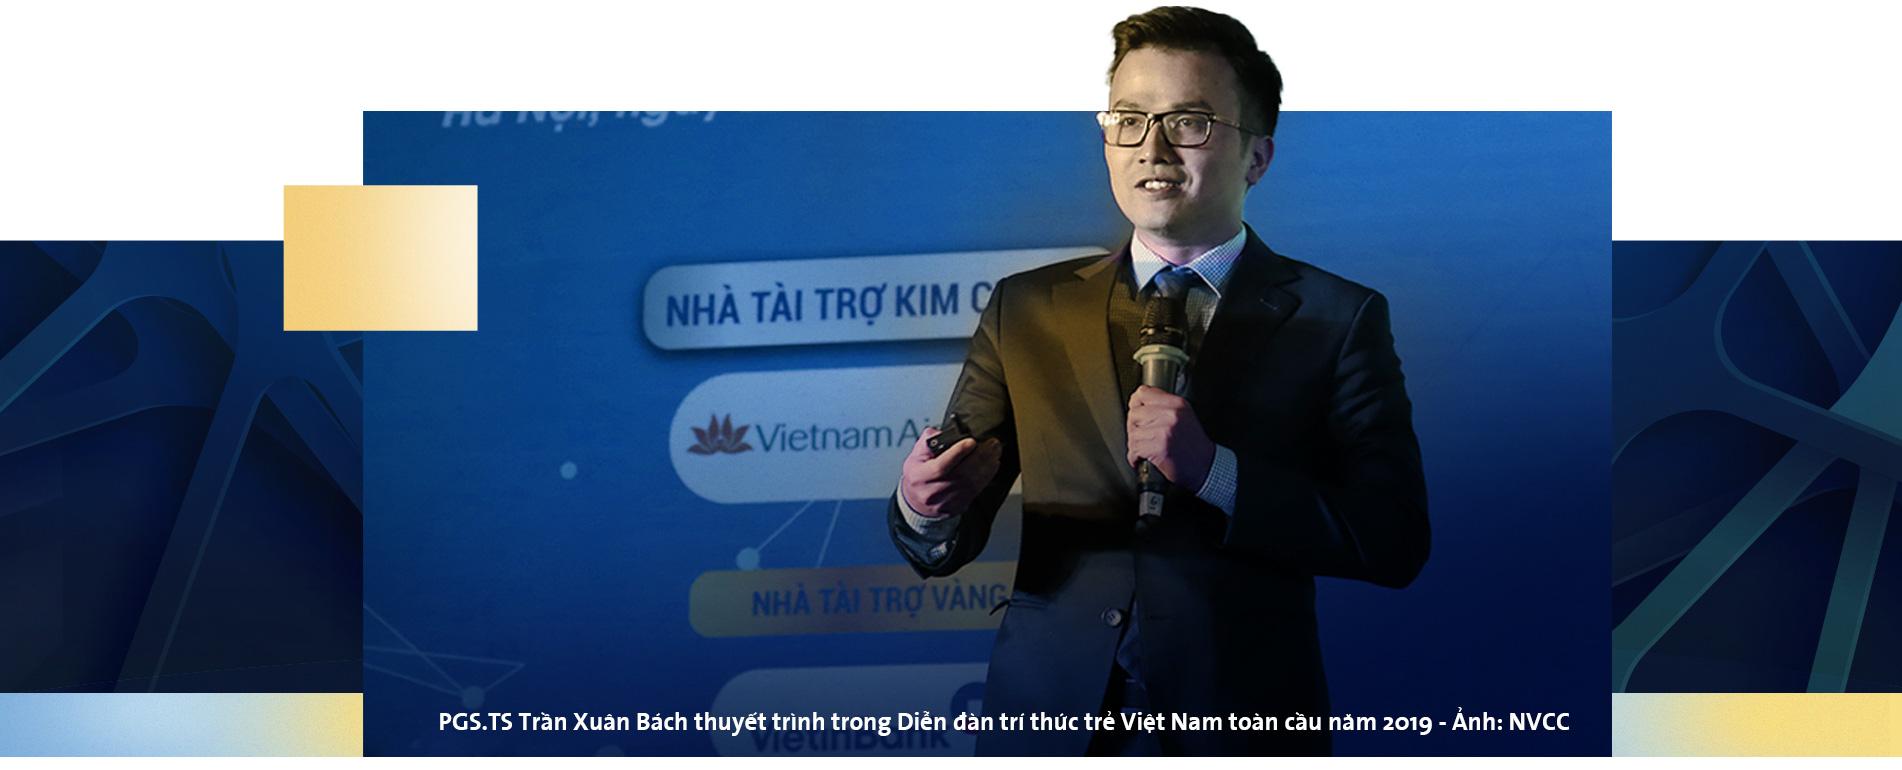 PGS Trần Xuân Bách: Làm khoa học như leo lên đỉnh núi mù sương - Ảnh 4.